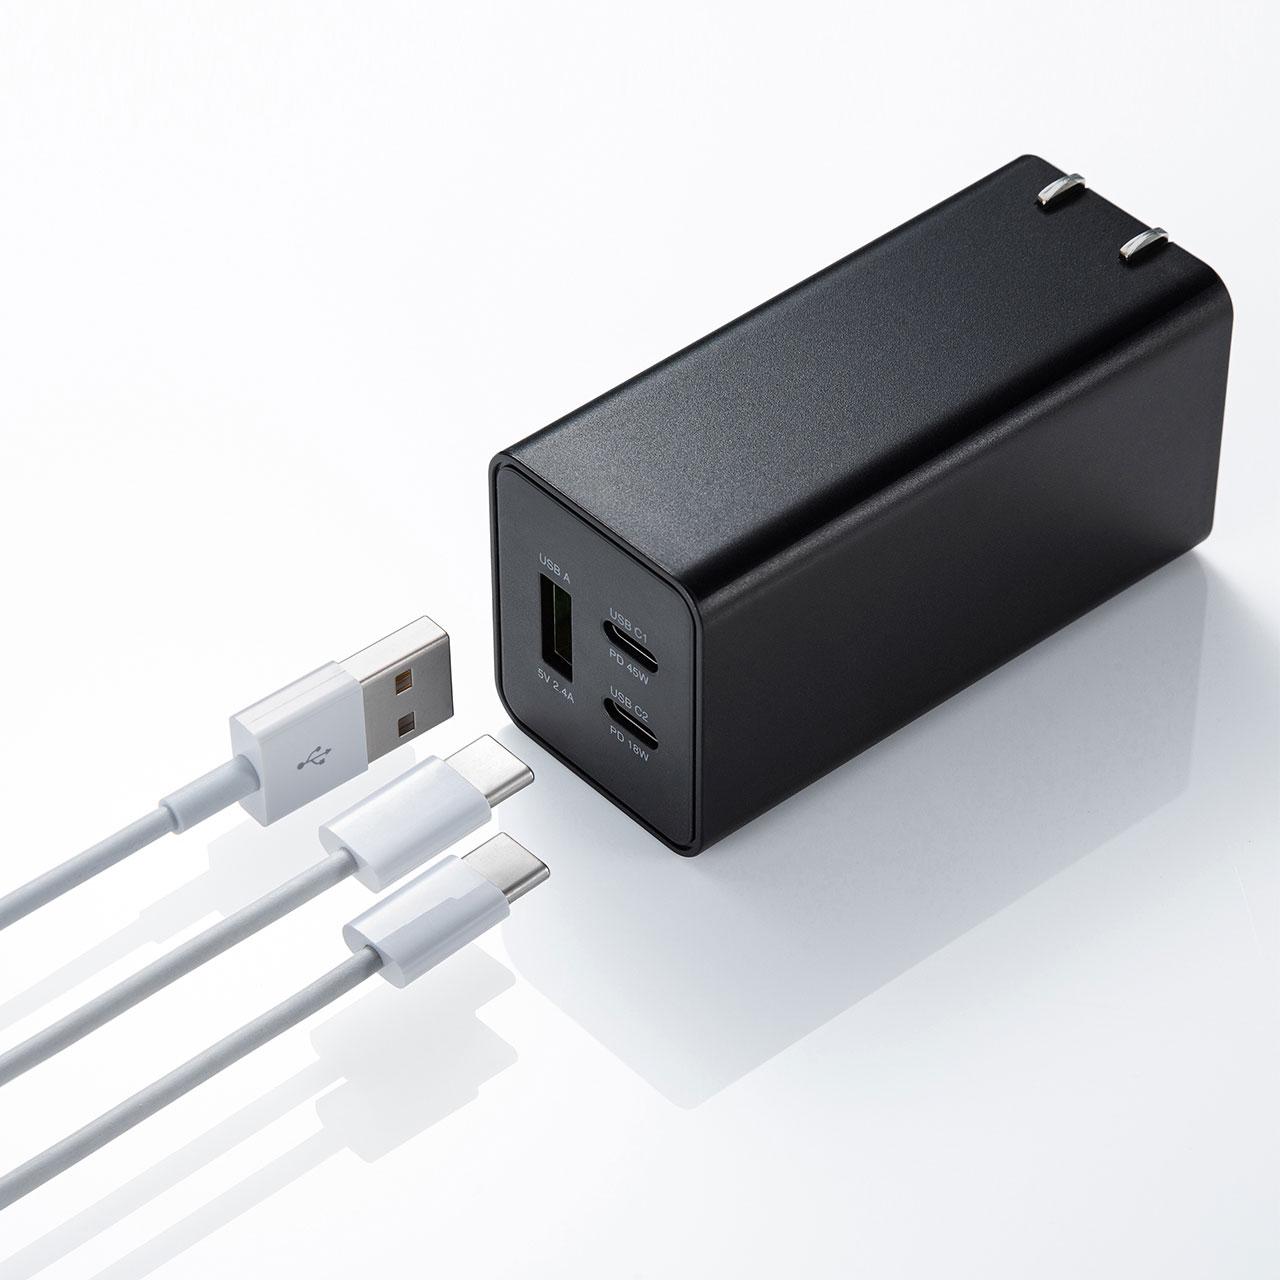 サンワサプライ、PD45W出力対応のGaN採用AC充電器「ACA-PD73BK」を発売